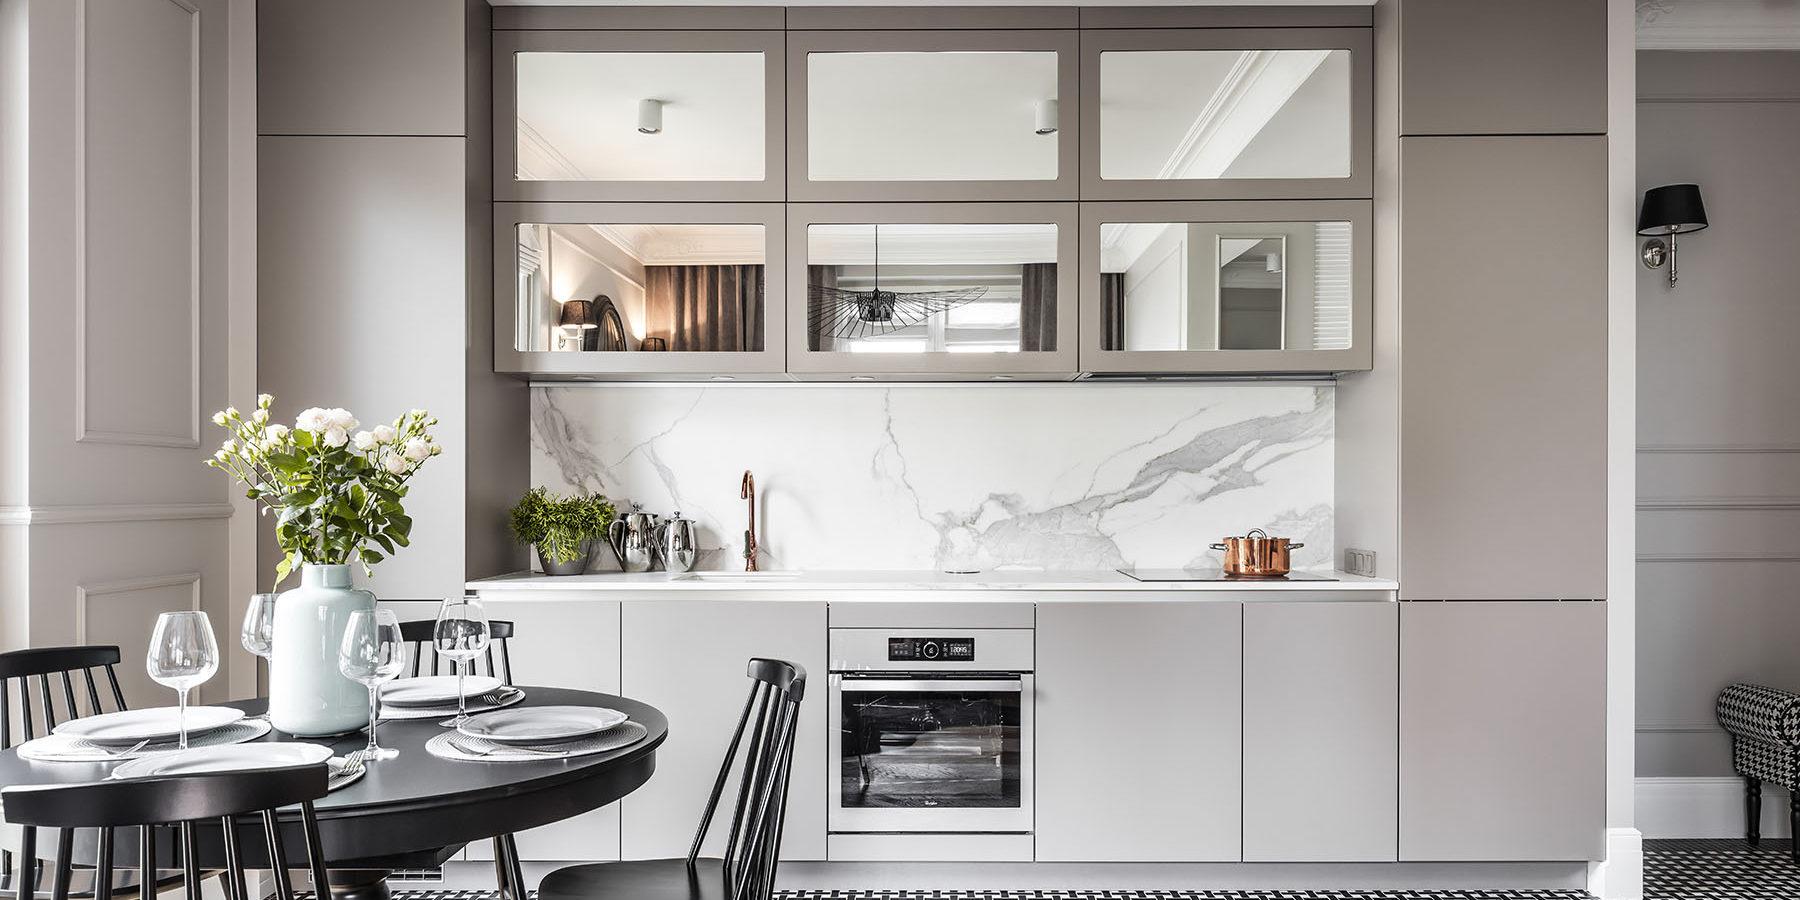 Meble kuchenne na wymiar - Gabriel - wykonanie SAS Wnętrza i Kuchnie. Projekt architekt wnętrz Emilia Strzempek Plasun.